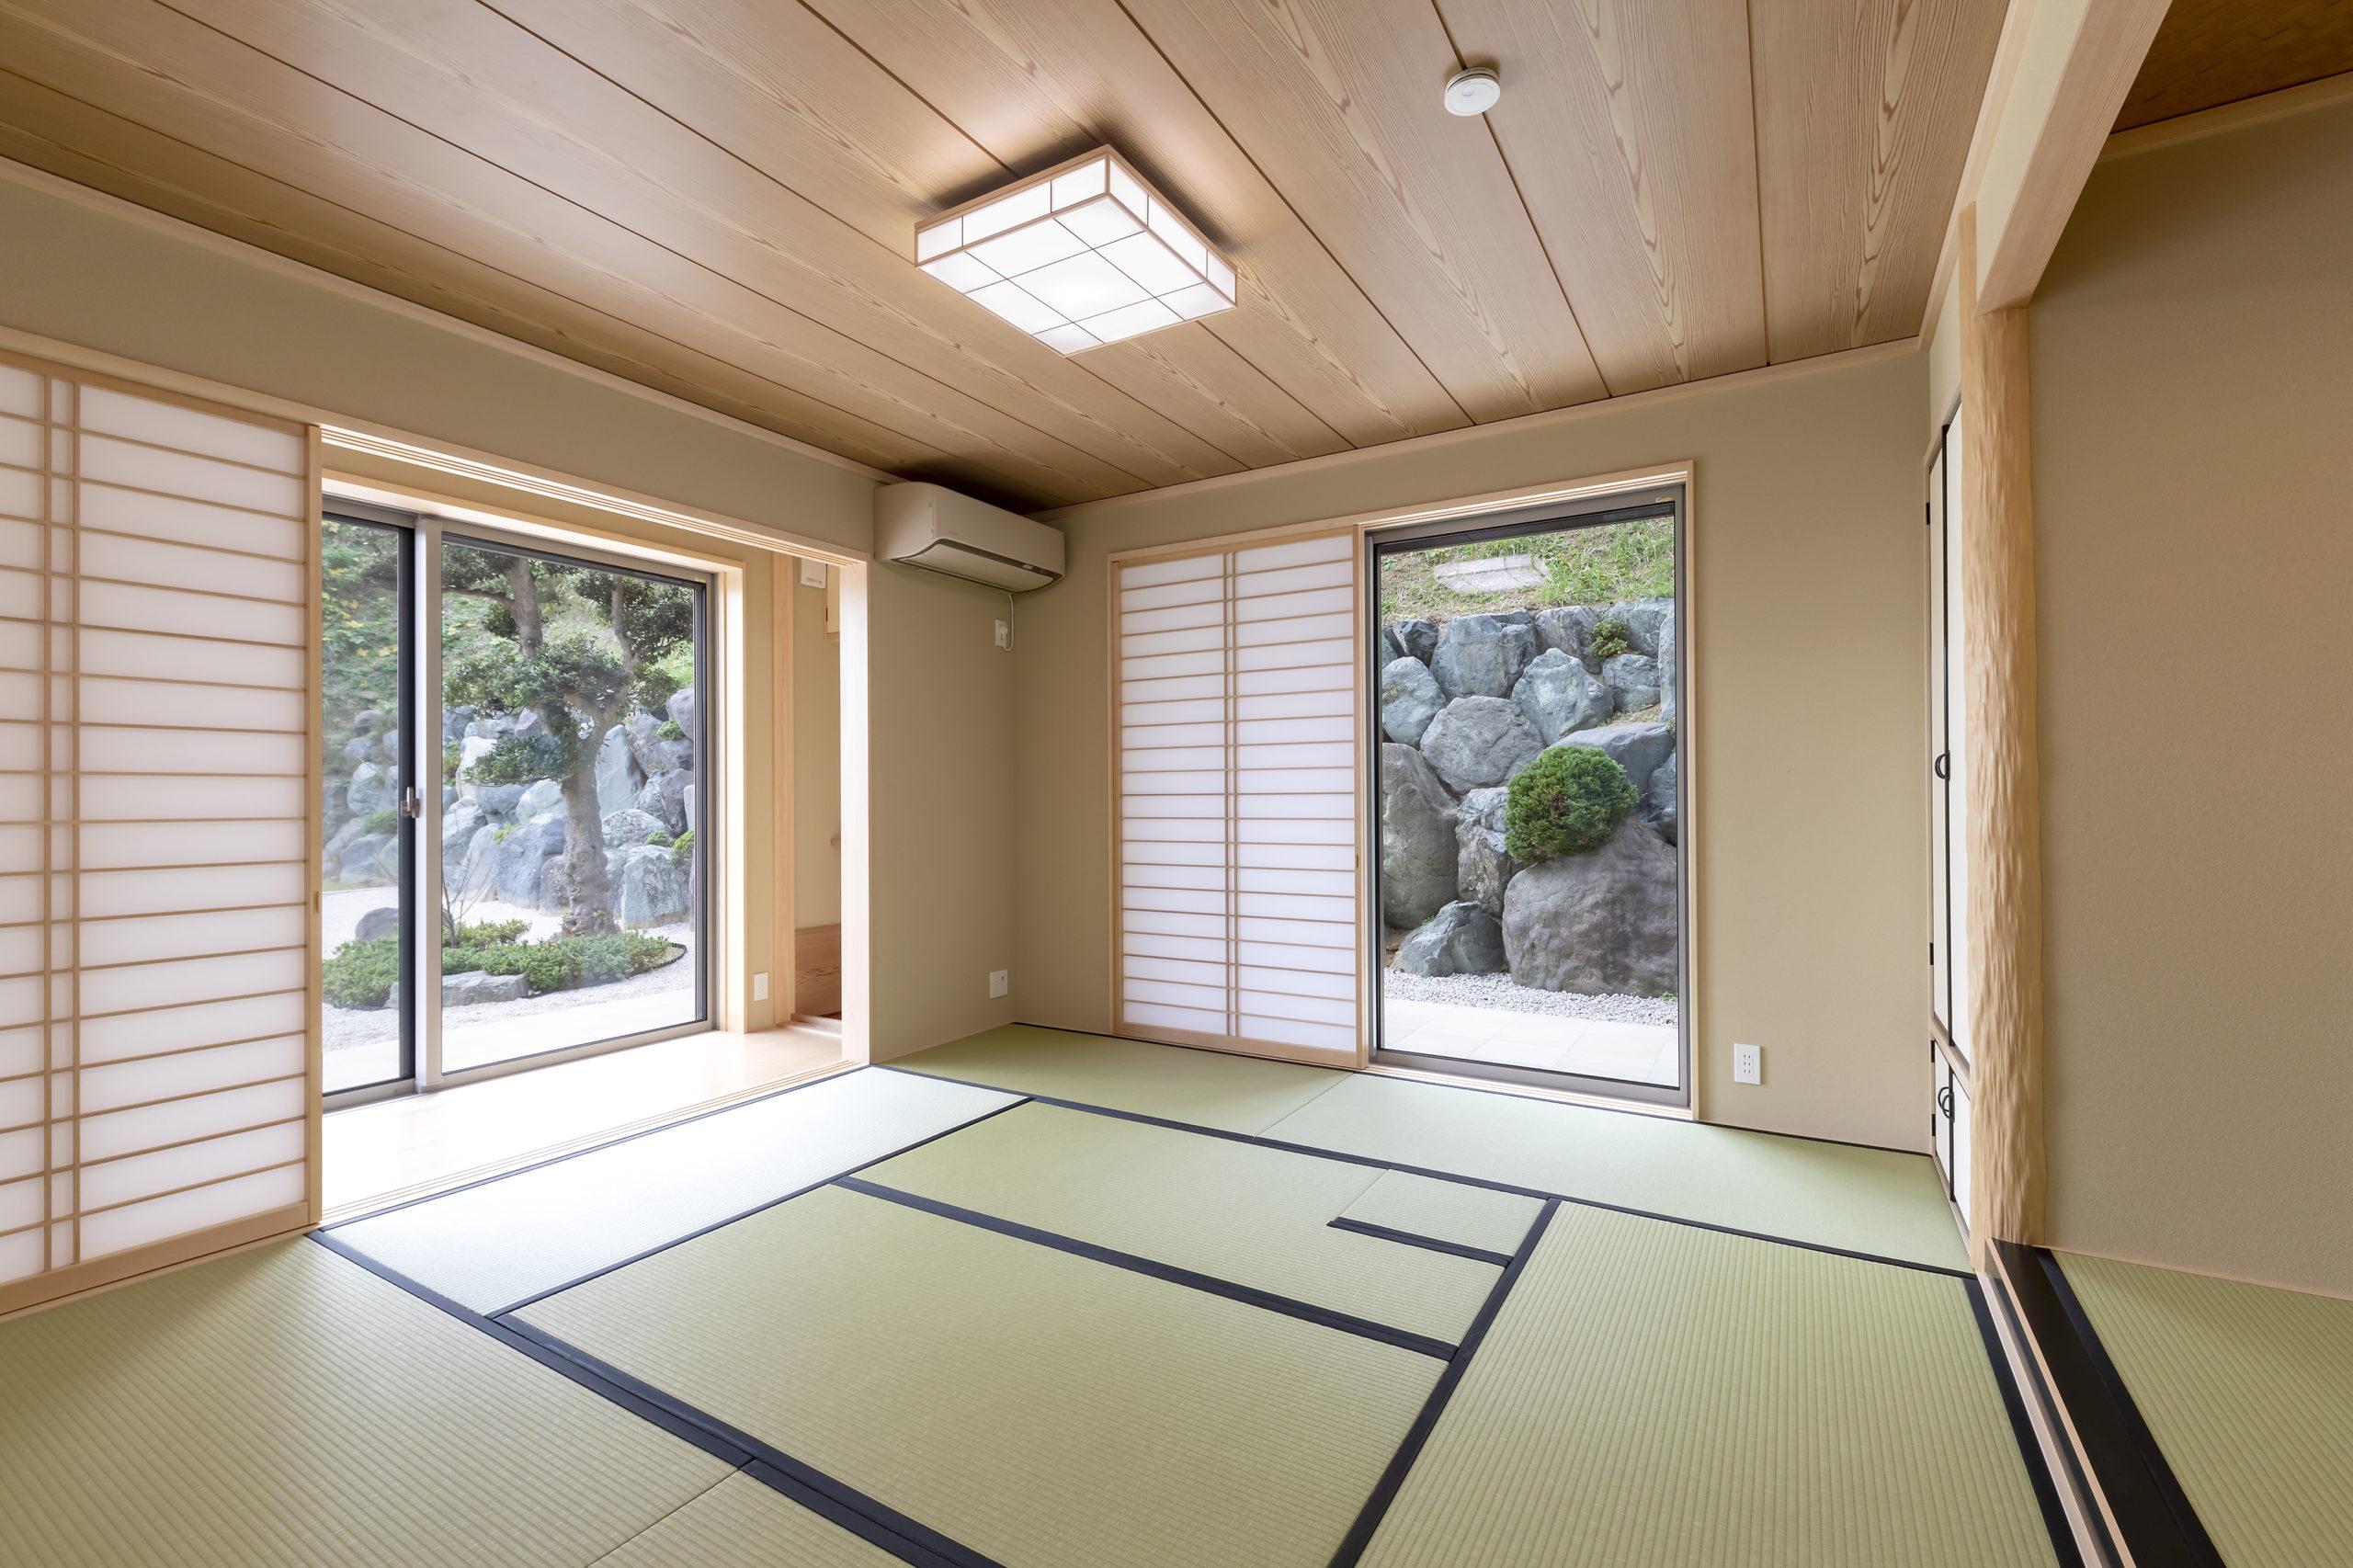 床の間、水屋、炉切りのある本格的な茶室。窓から見える石積が映える